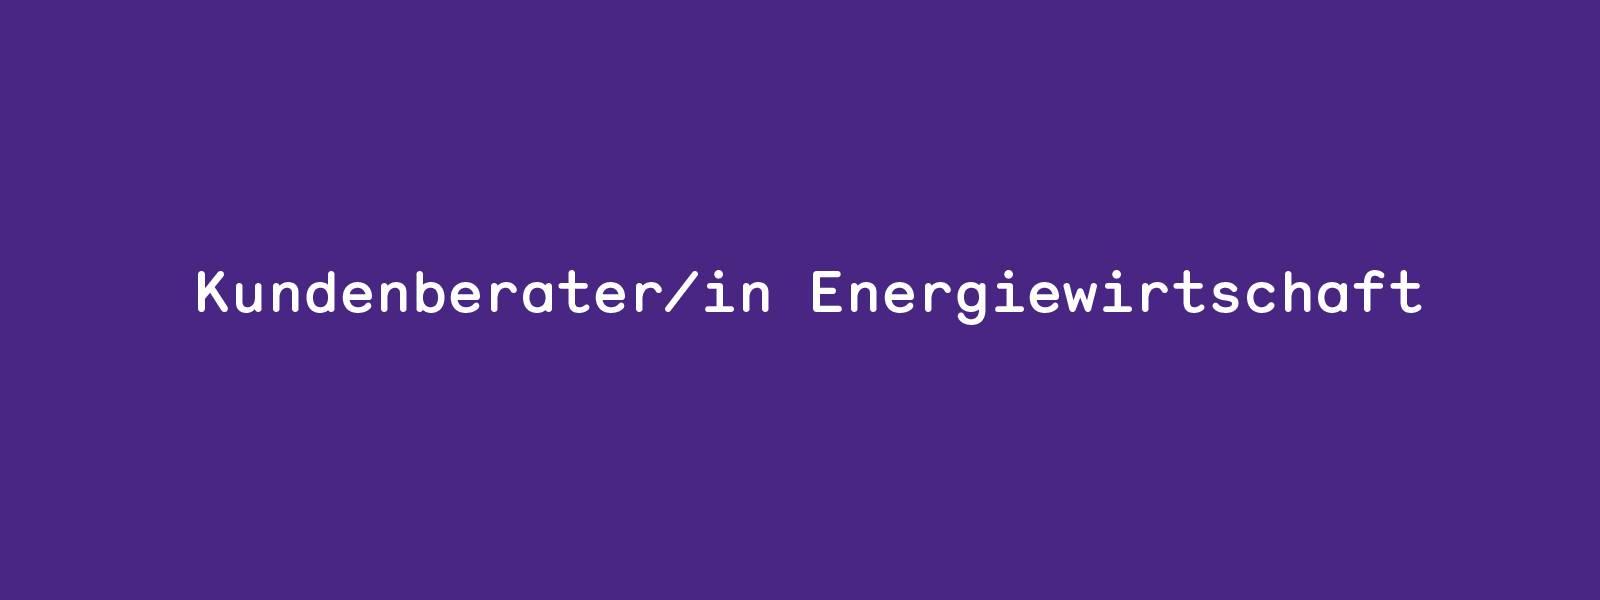 kundenberater_energiewirtschaft